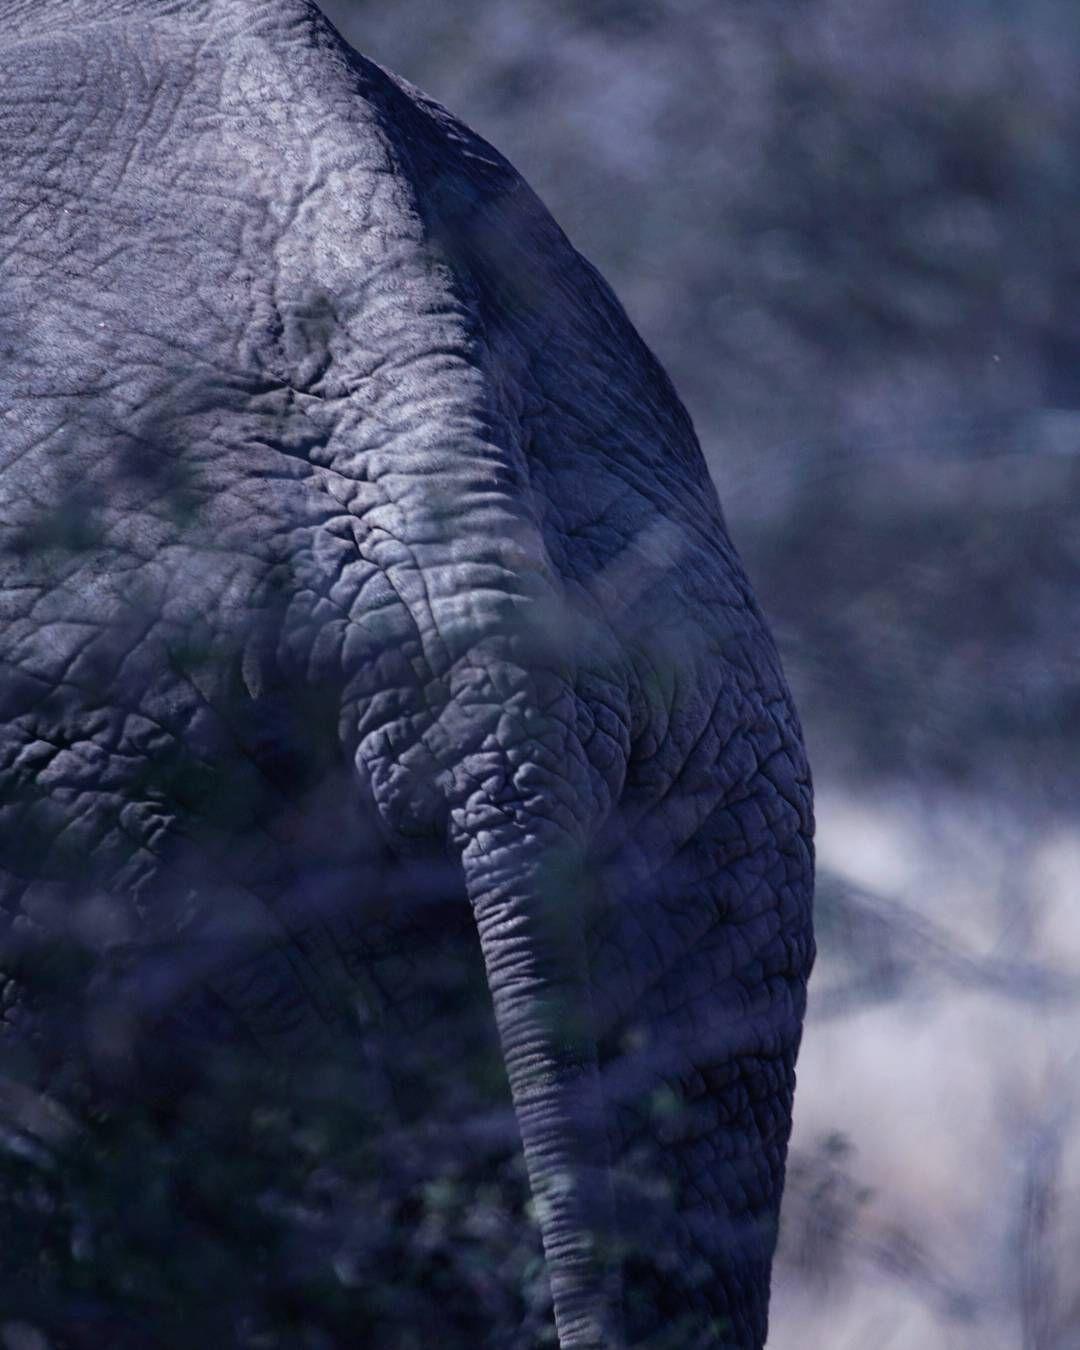 The Tail Elephant Elephanta Africanelephant Wildlifeafrica Saveelephants Wildlifephotography